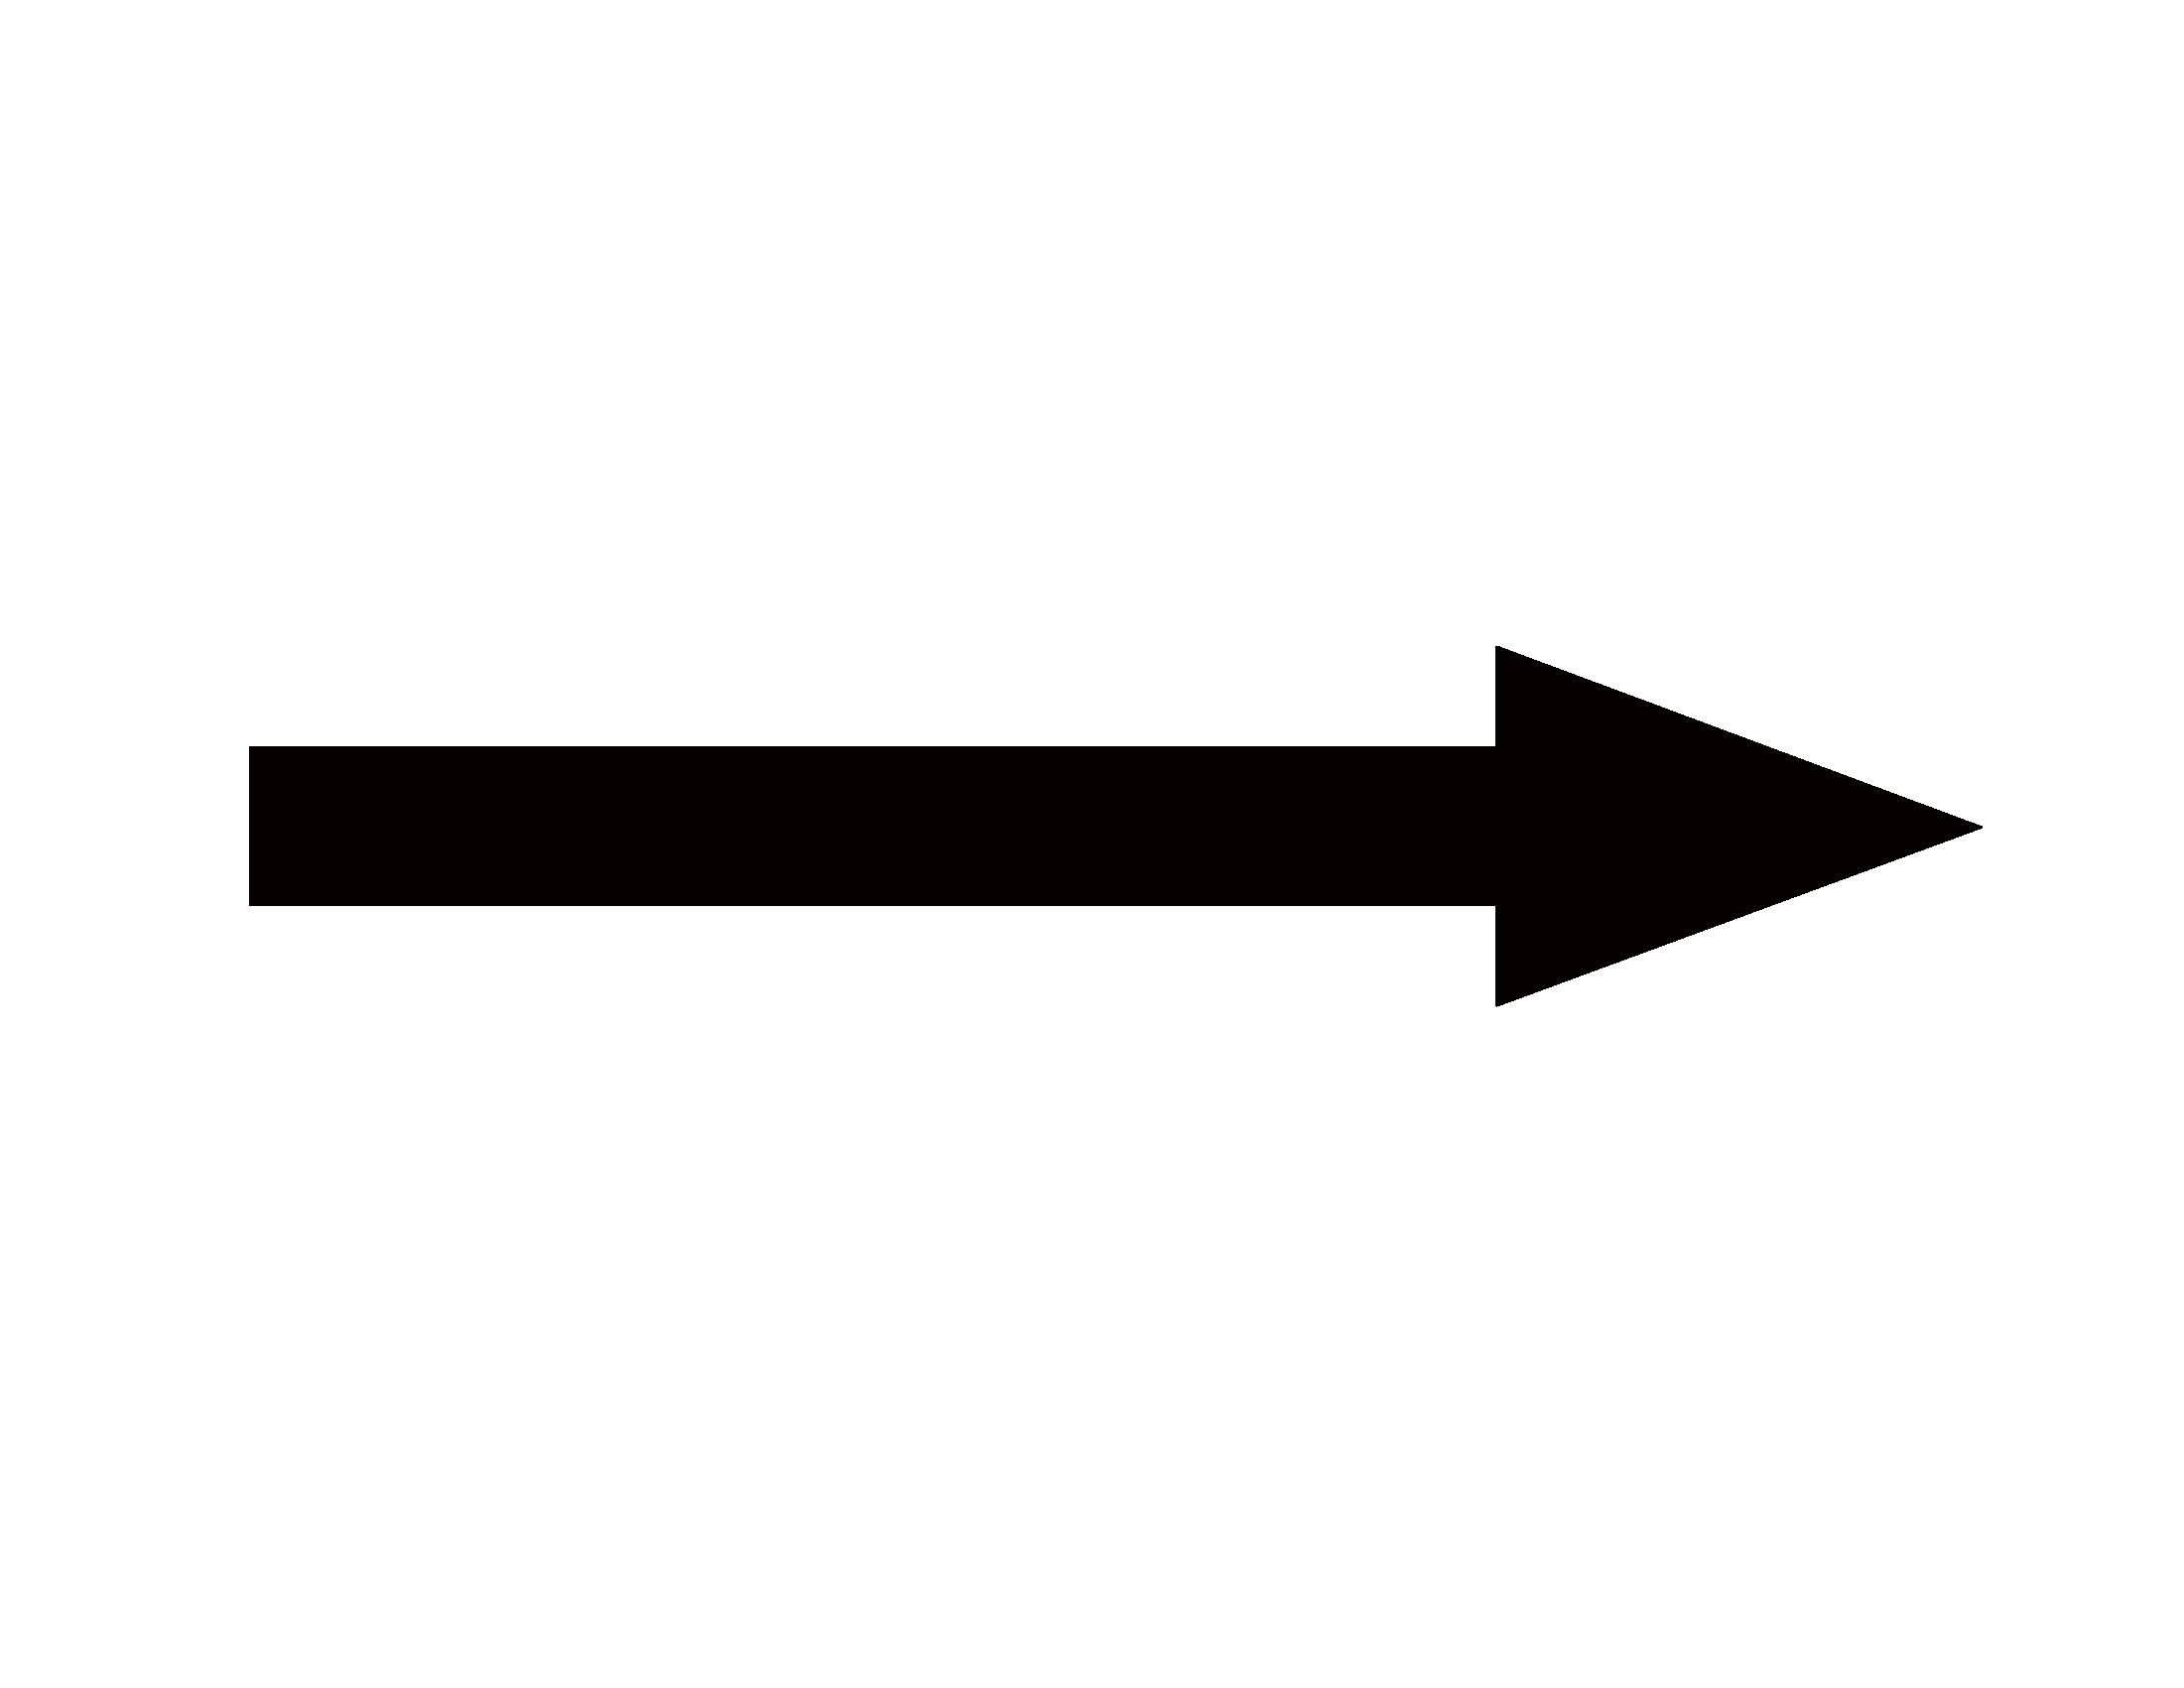 Arrow clipart 8 images arrow Cliparting Arrow